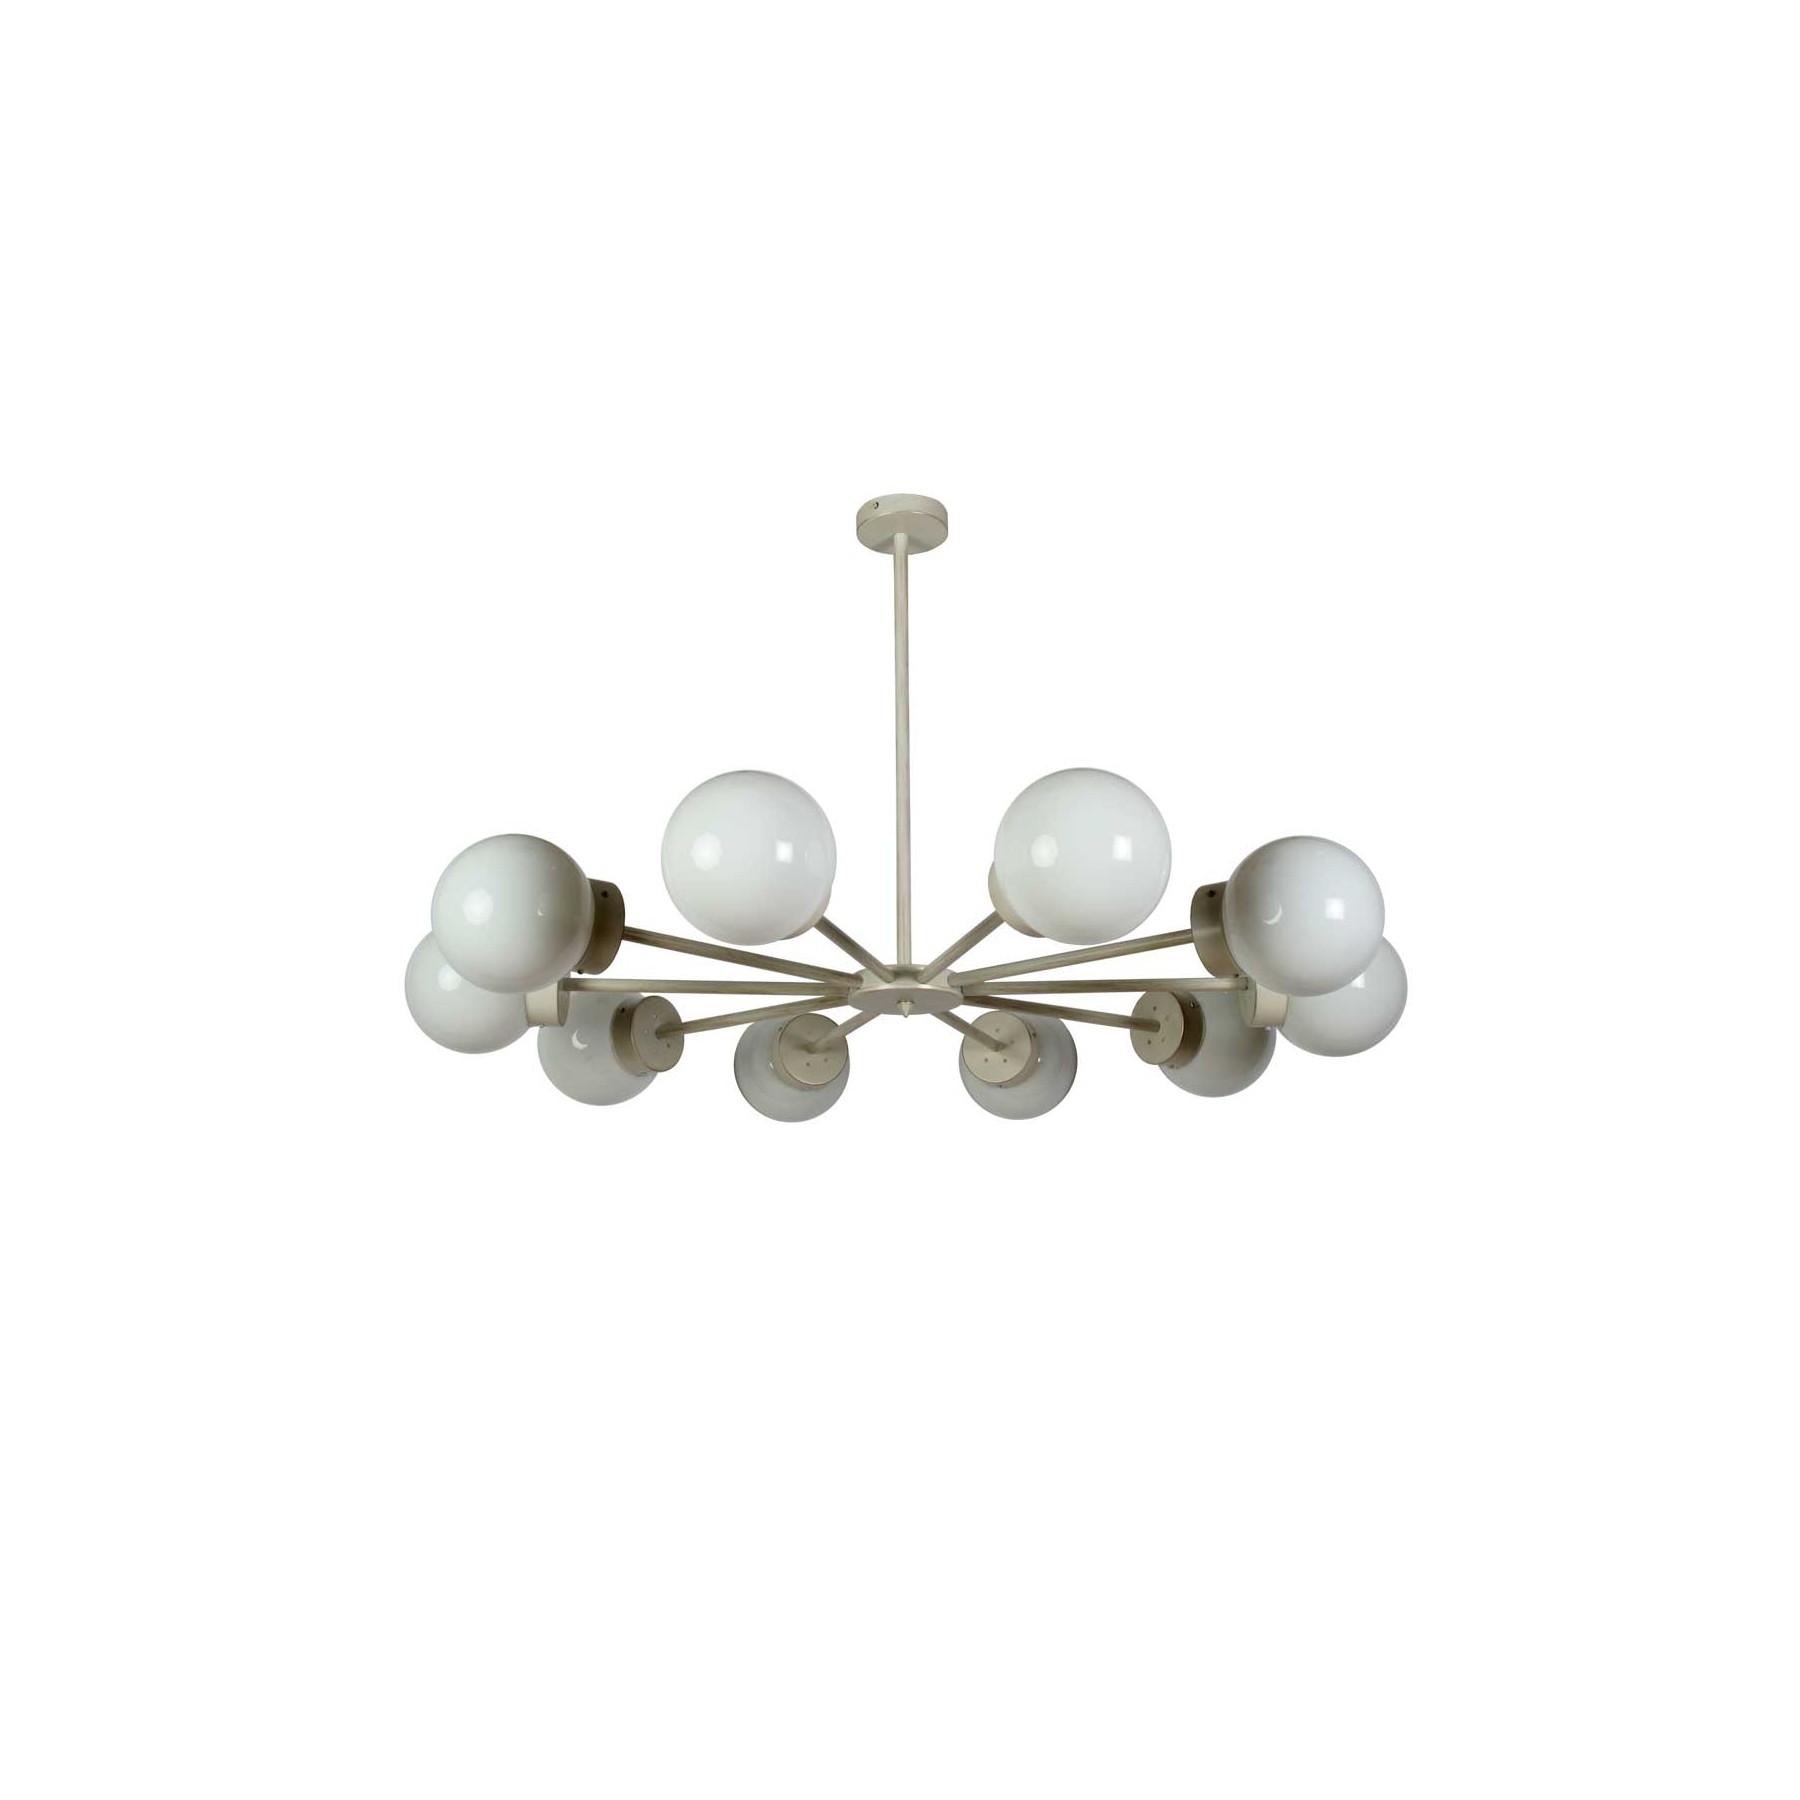 L mpara de techo tulipa cristal industrial tionscail - Tulipas para lamparas de techo ...